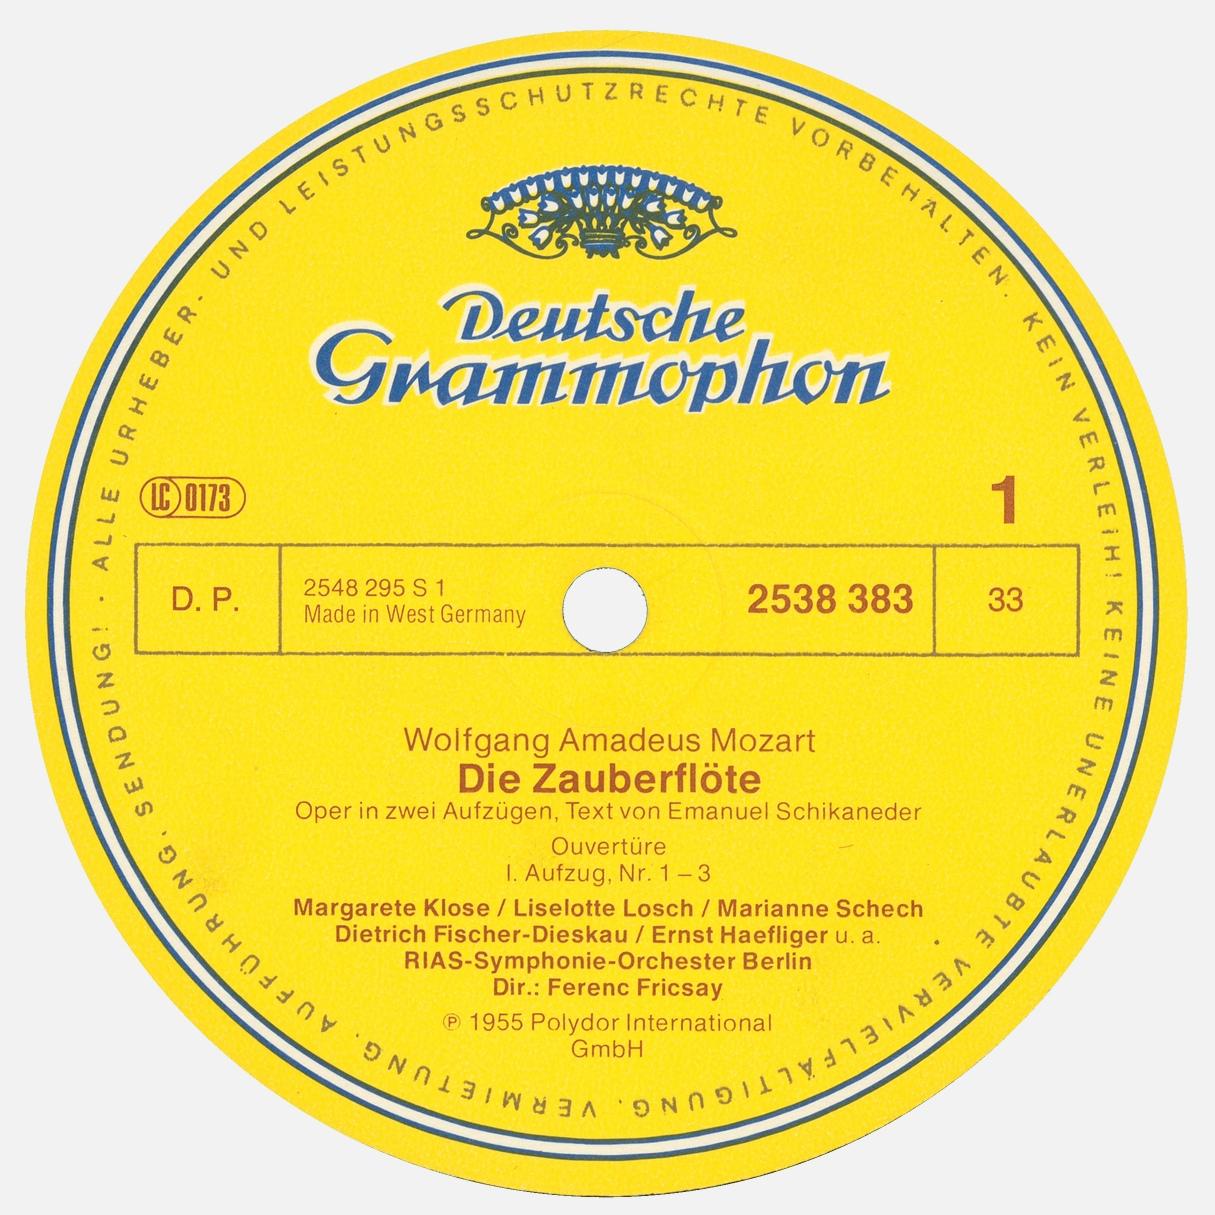 Étiquette recto du disque 2538 383 / 2548 295 S 1